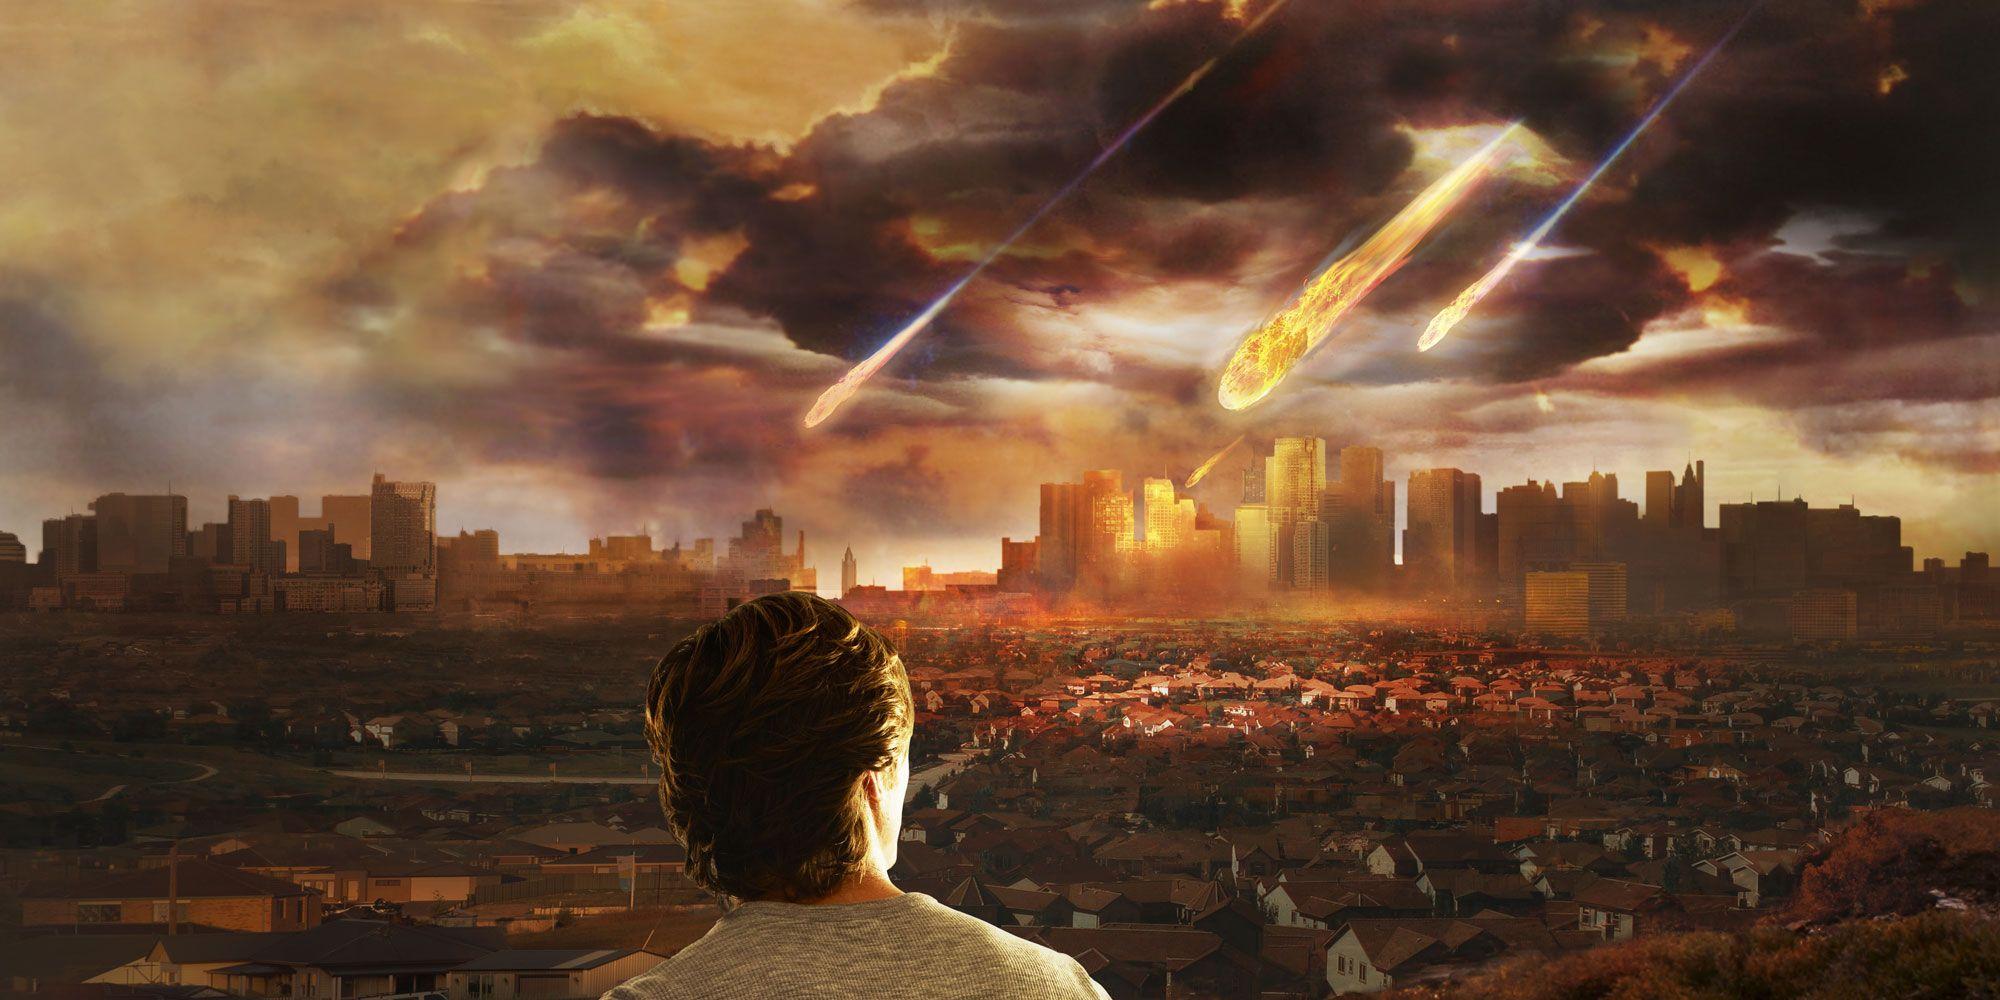 Il est bon de méditer sur la fin de notre monde - Textes et vidéos 1450298253-12-ways-world-end